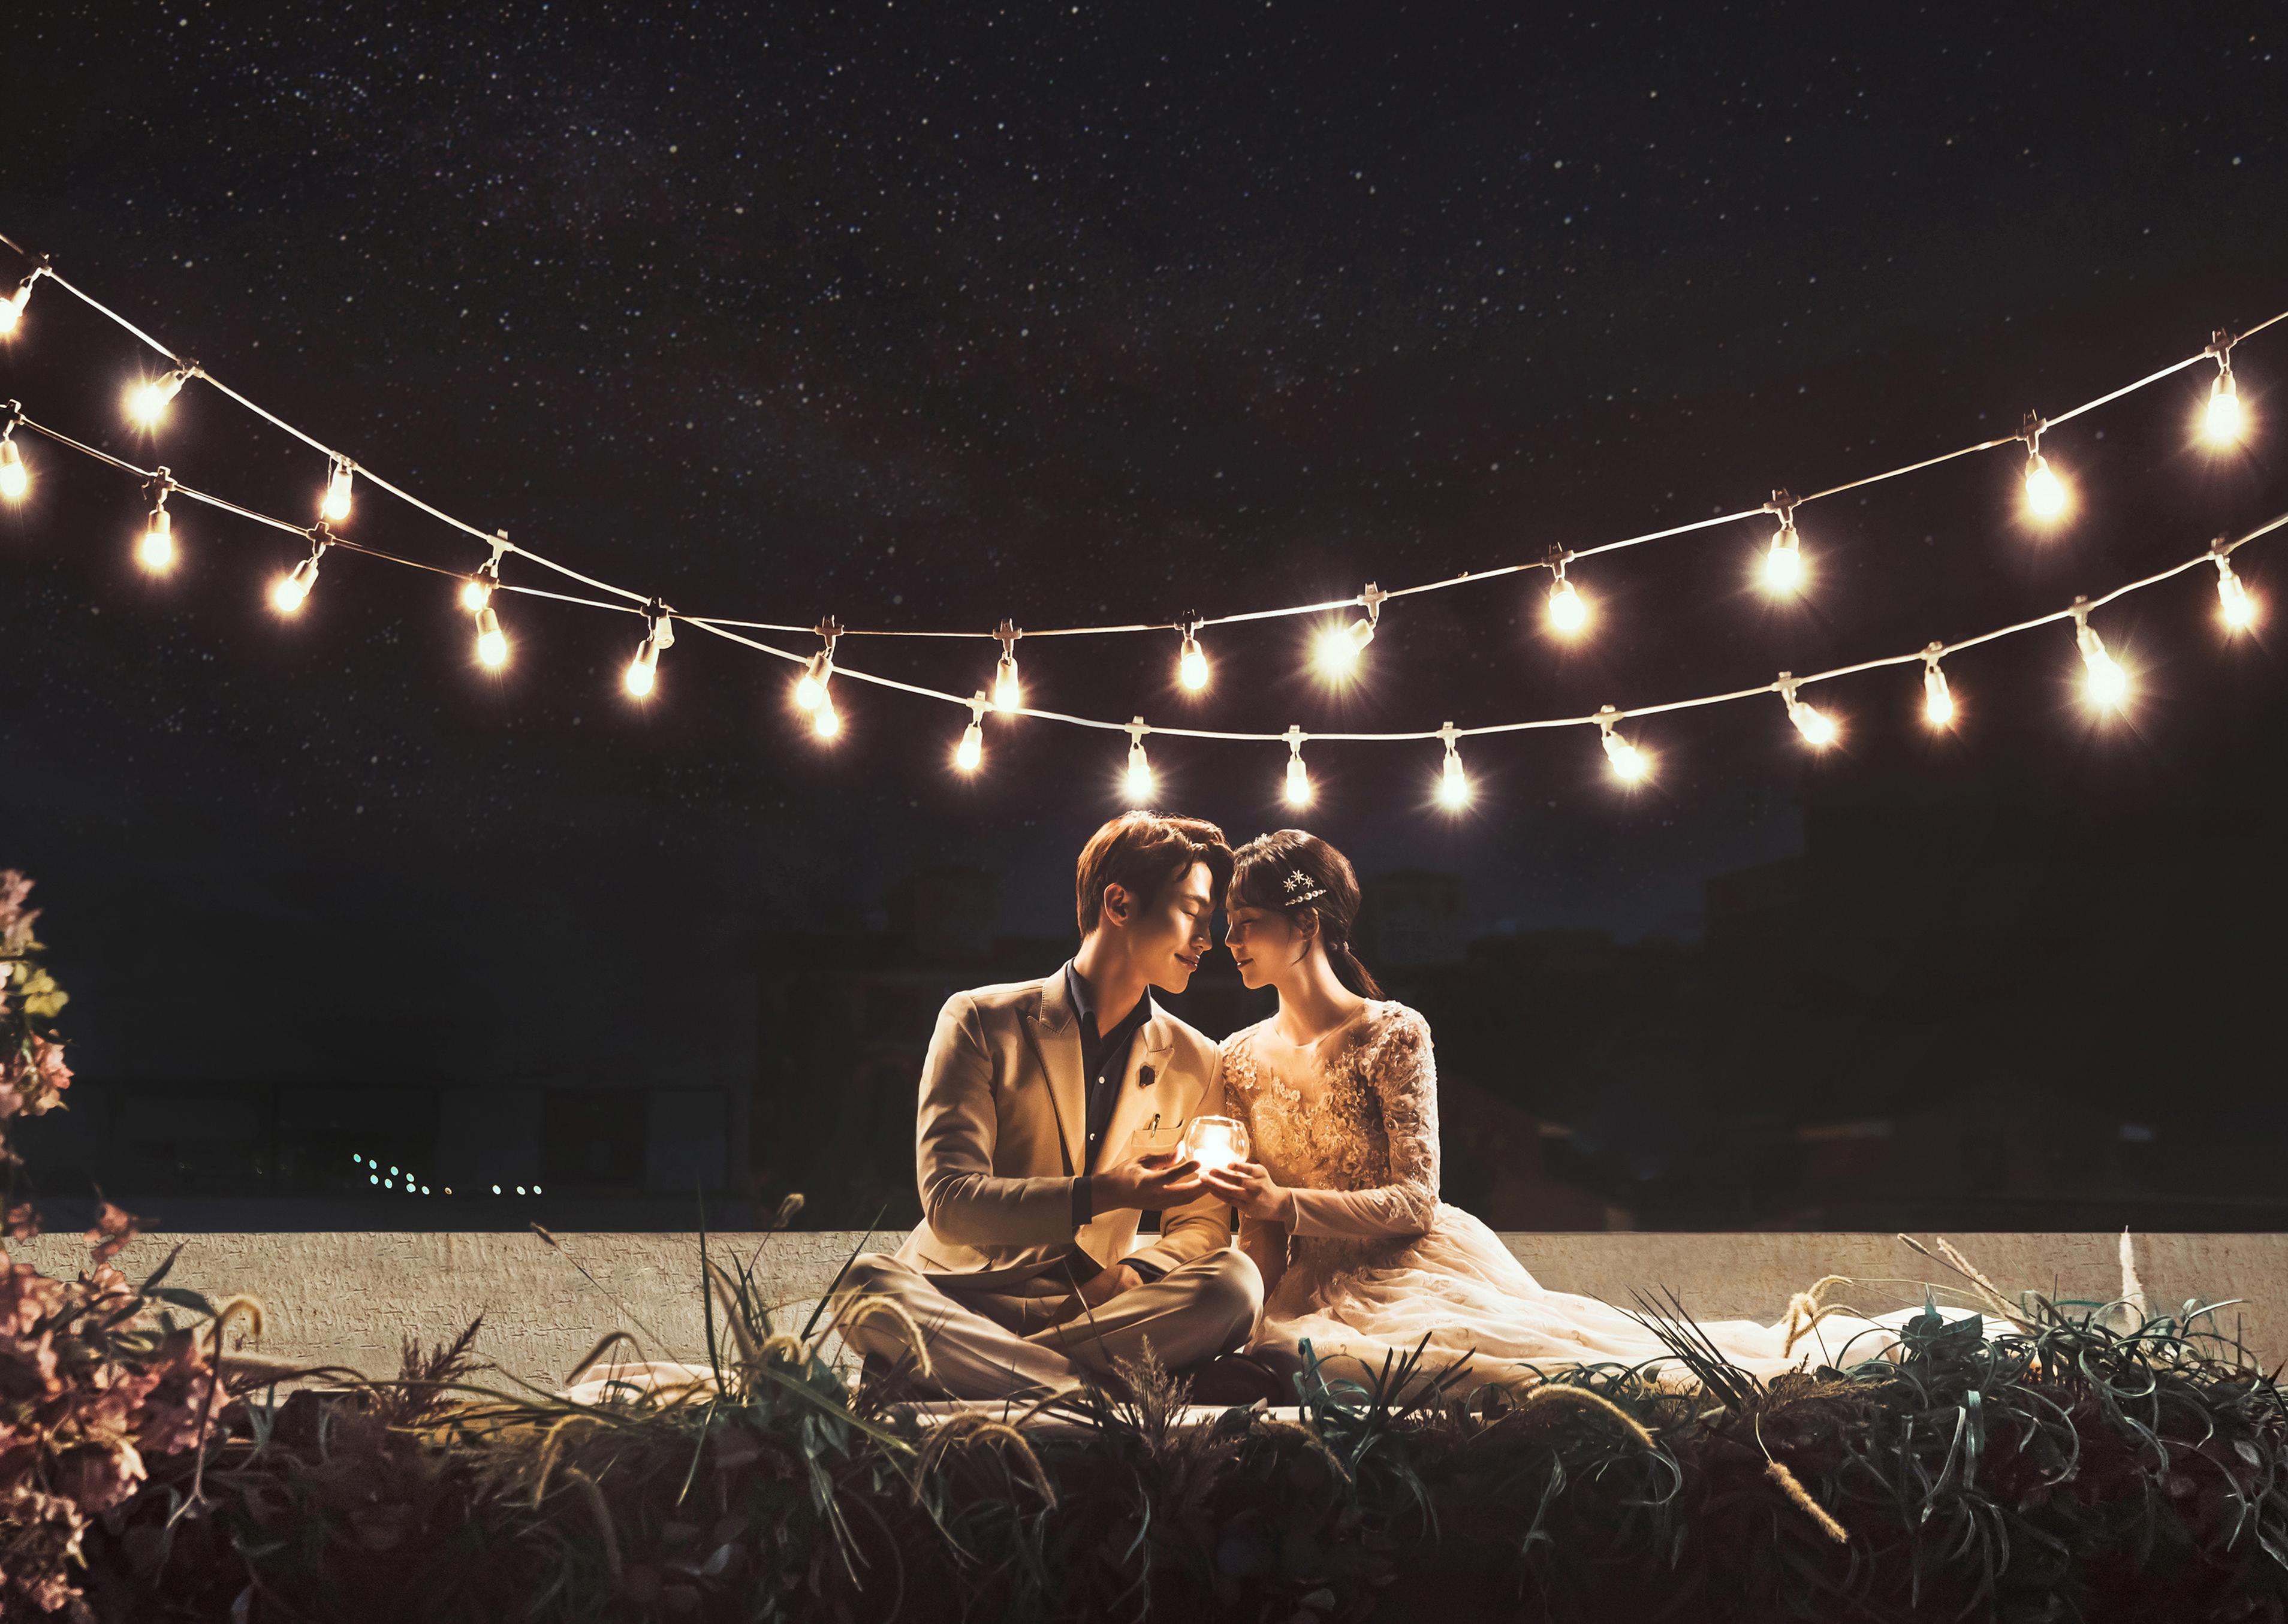 """WEDDING FAIR """"DREAMS COME TRUE"""", LỜI CHÀO TỪ WEDDINGBOOK - THƯƠNG HIỆU CƯỚI HÀNG ĐẦU HÀN QUỐC"""